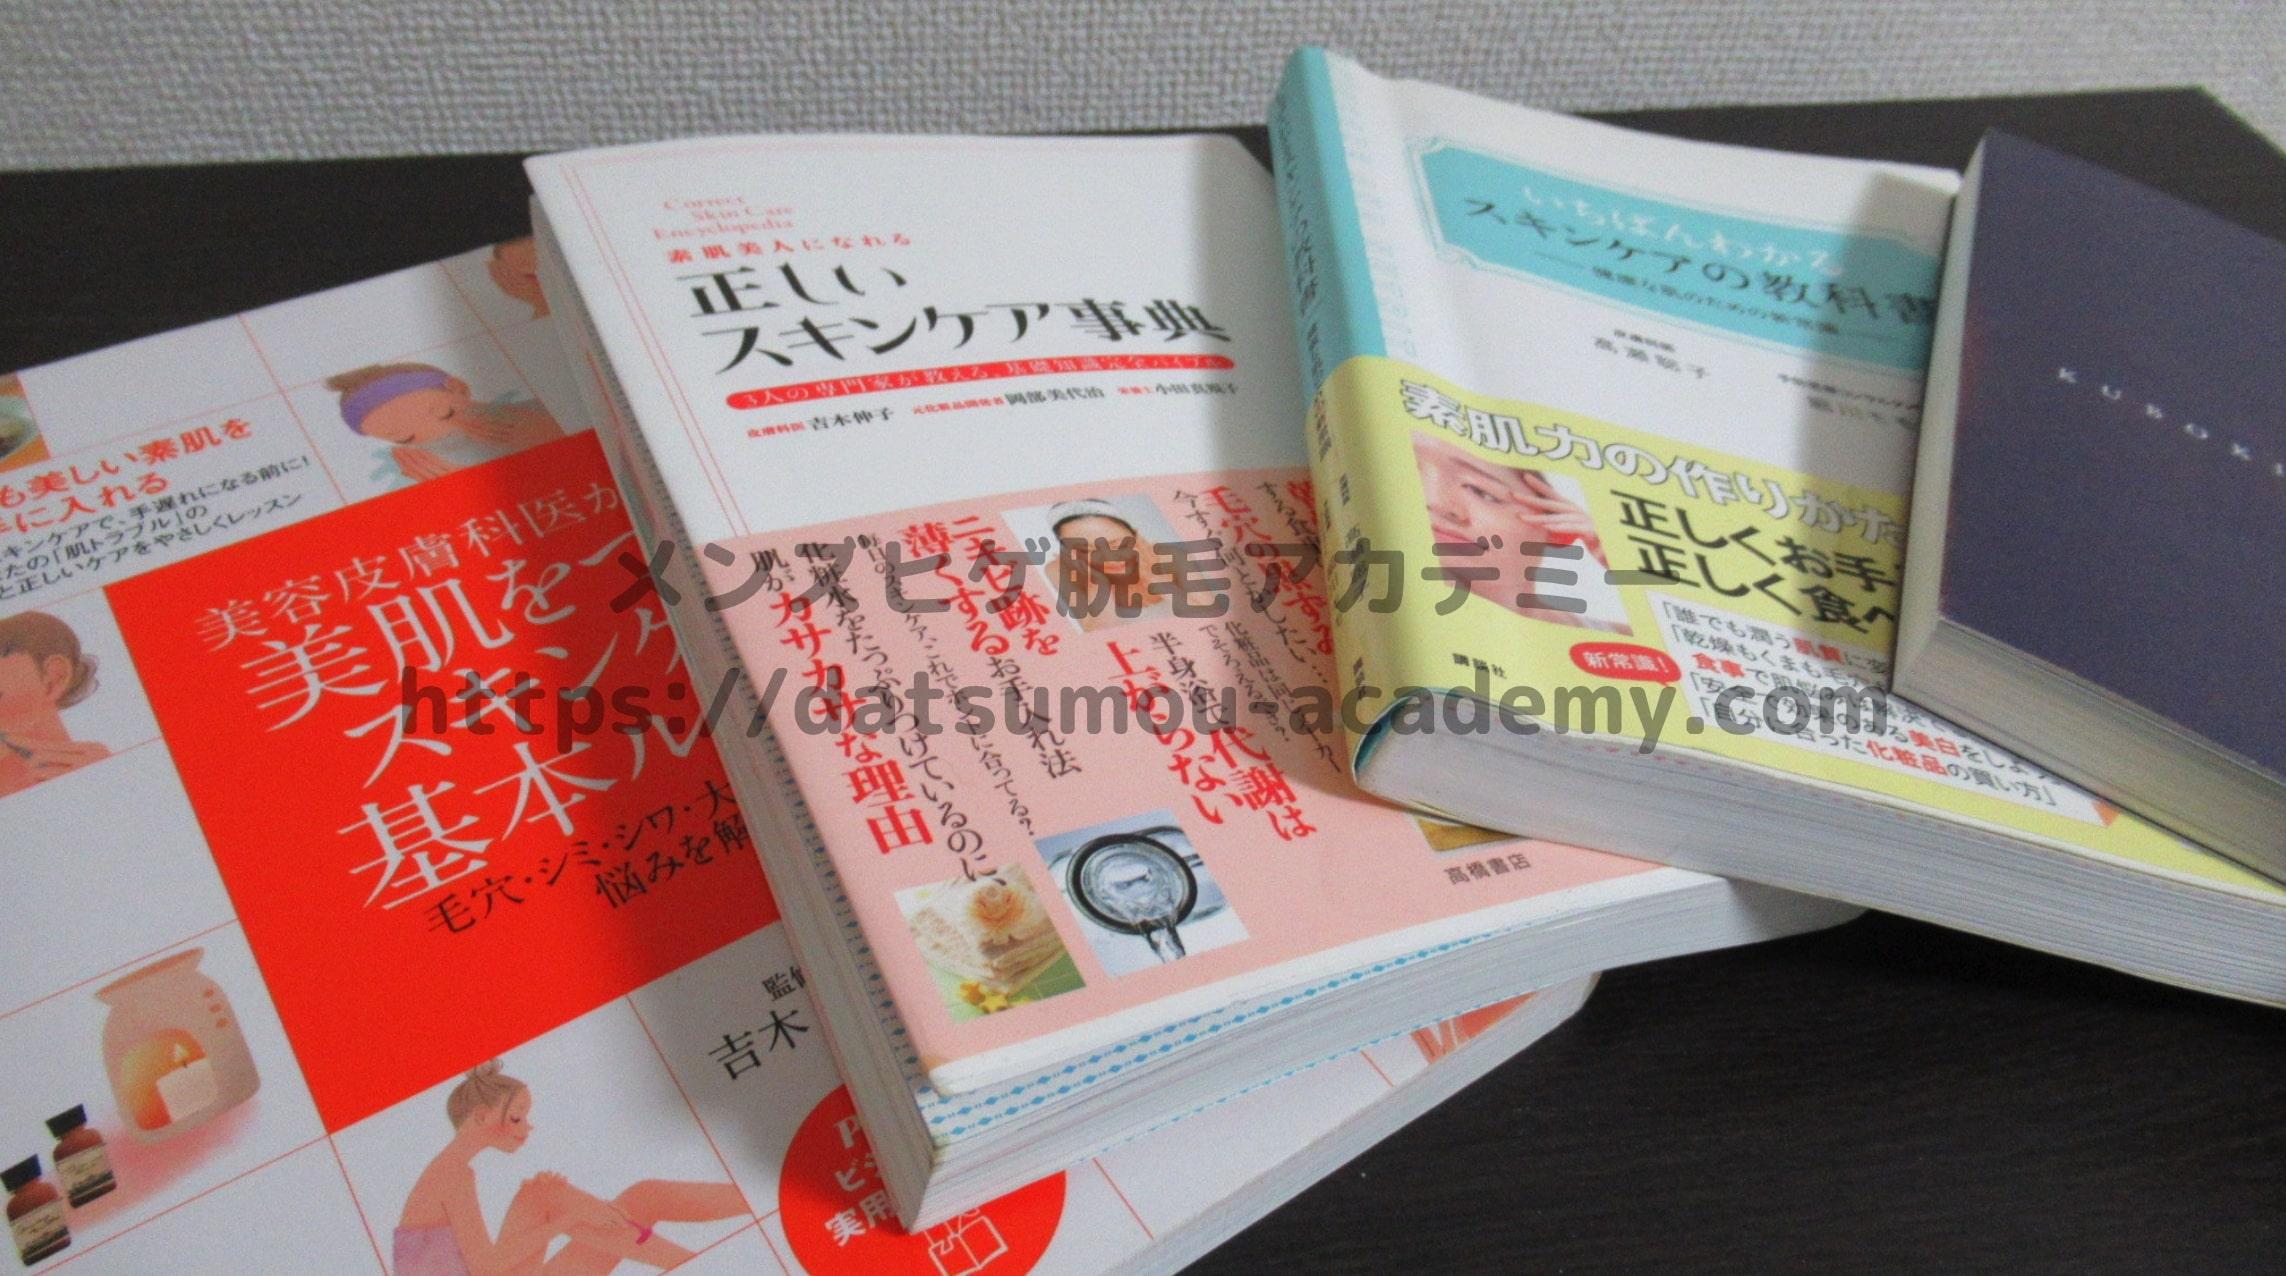 スキンケアの勉強で使った本の数々